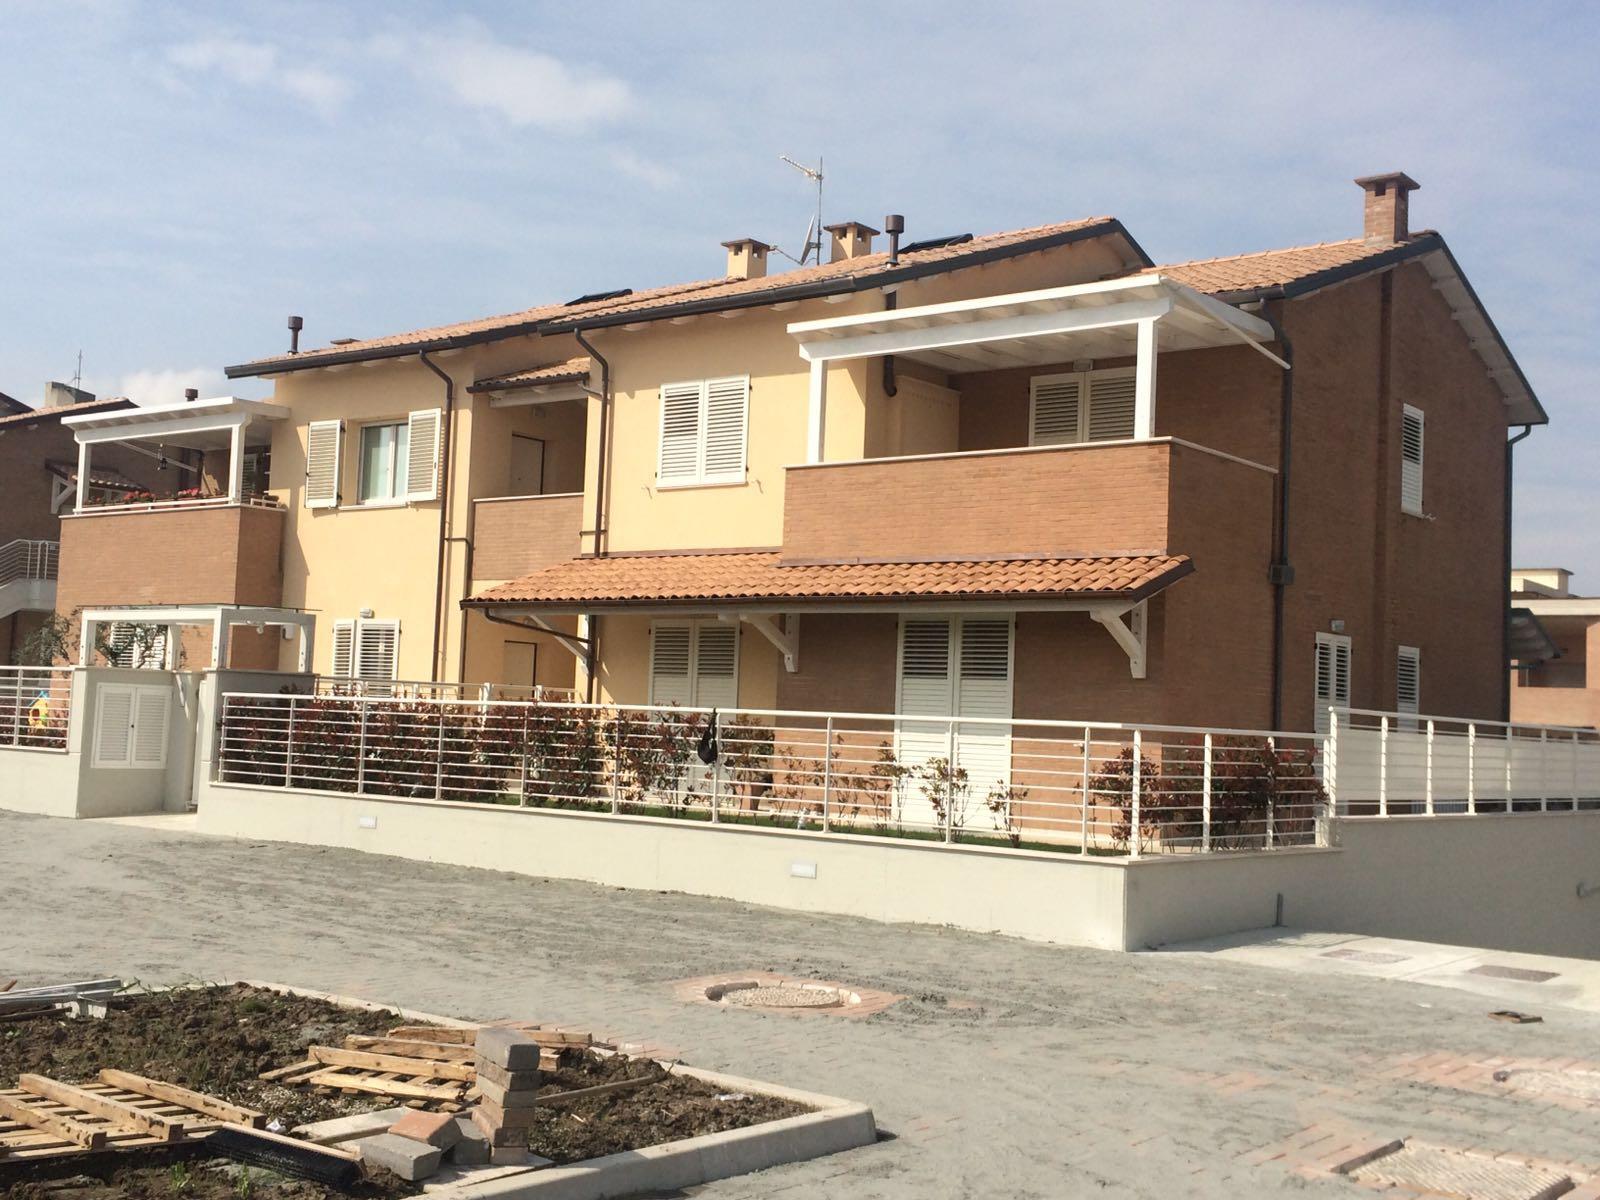 Vendita Senigallia  - Mq. 90  - euro 265000